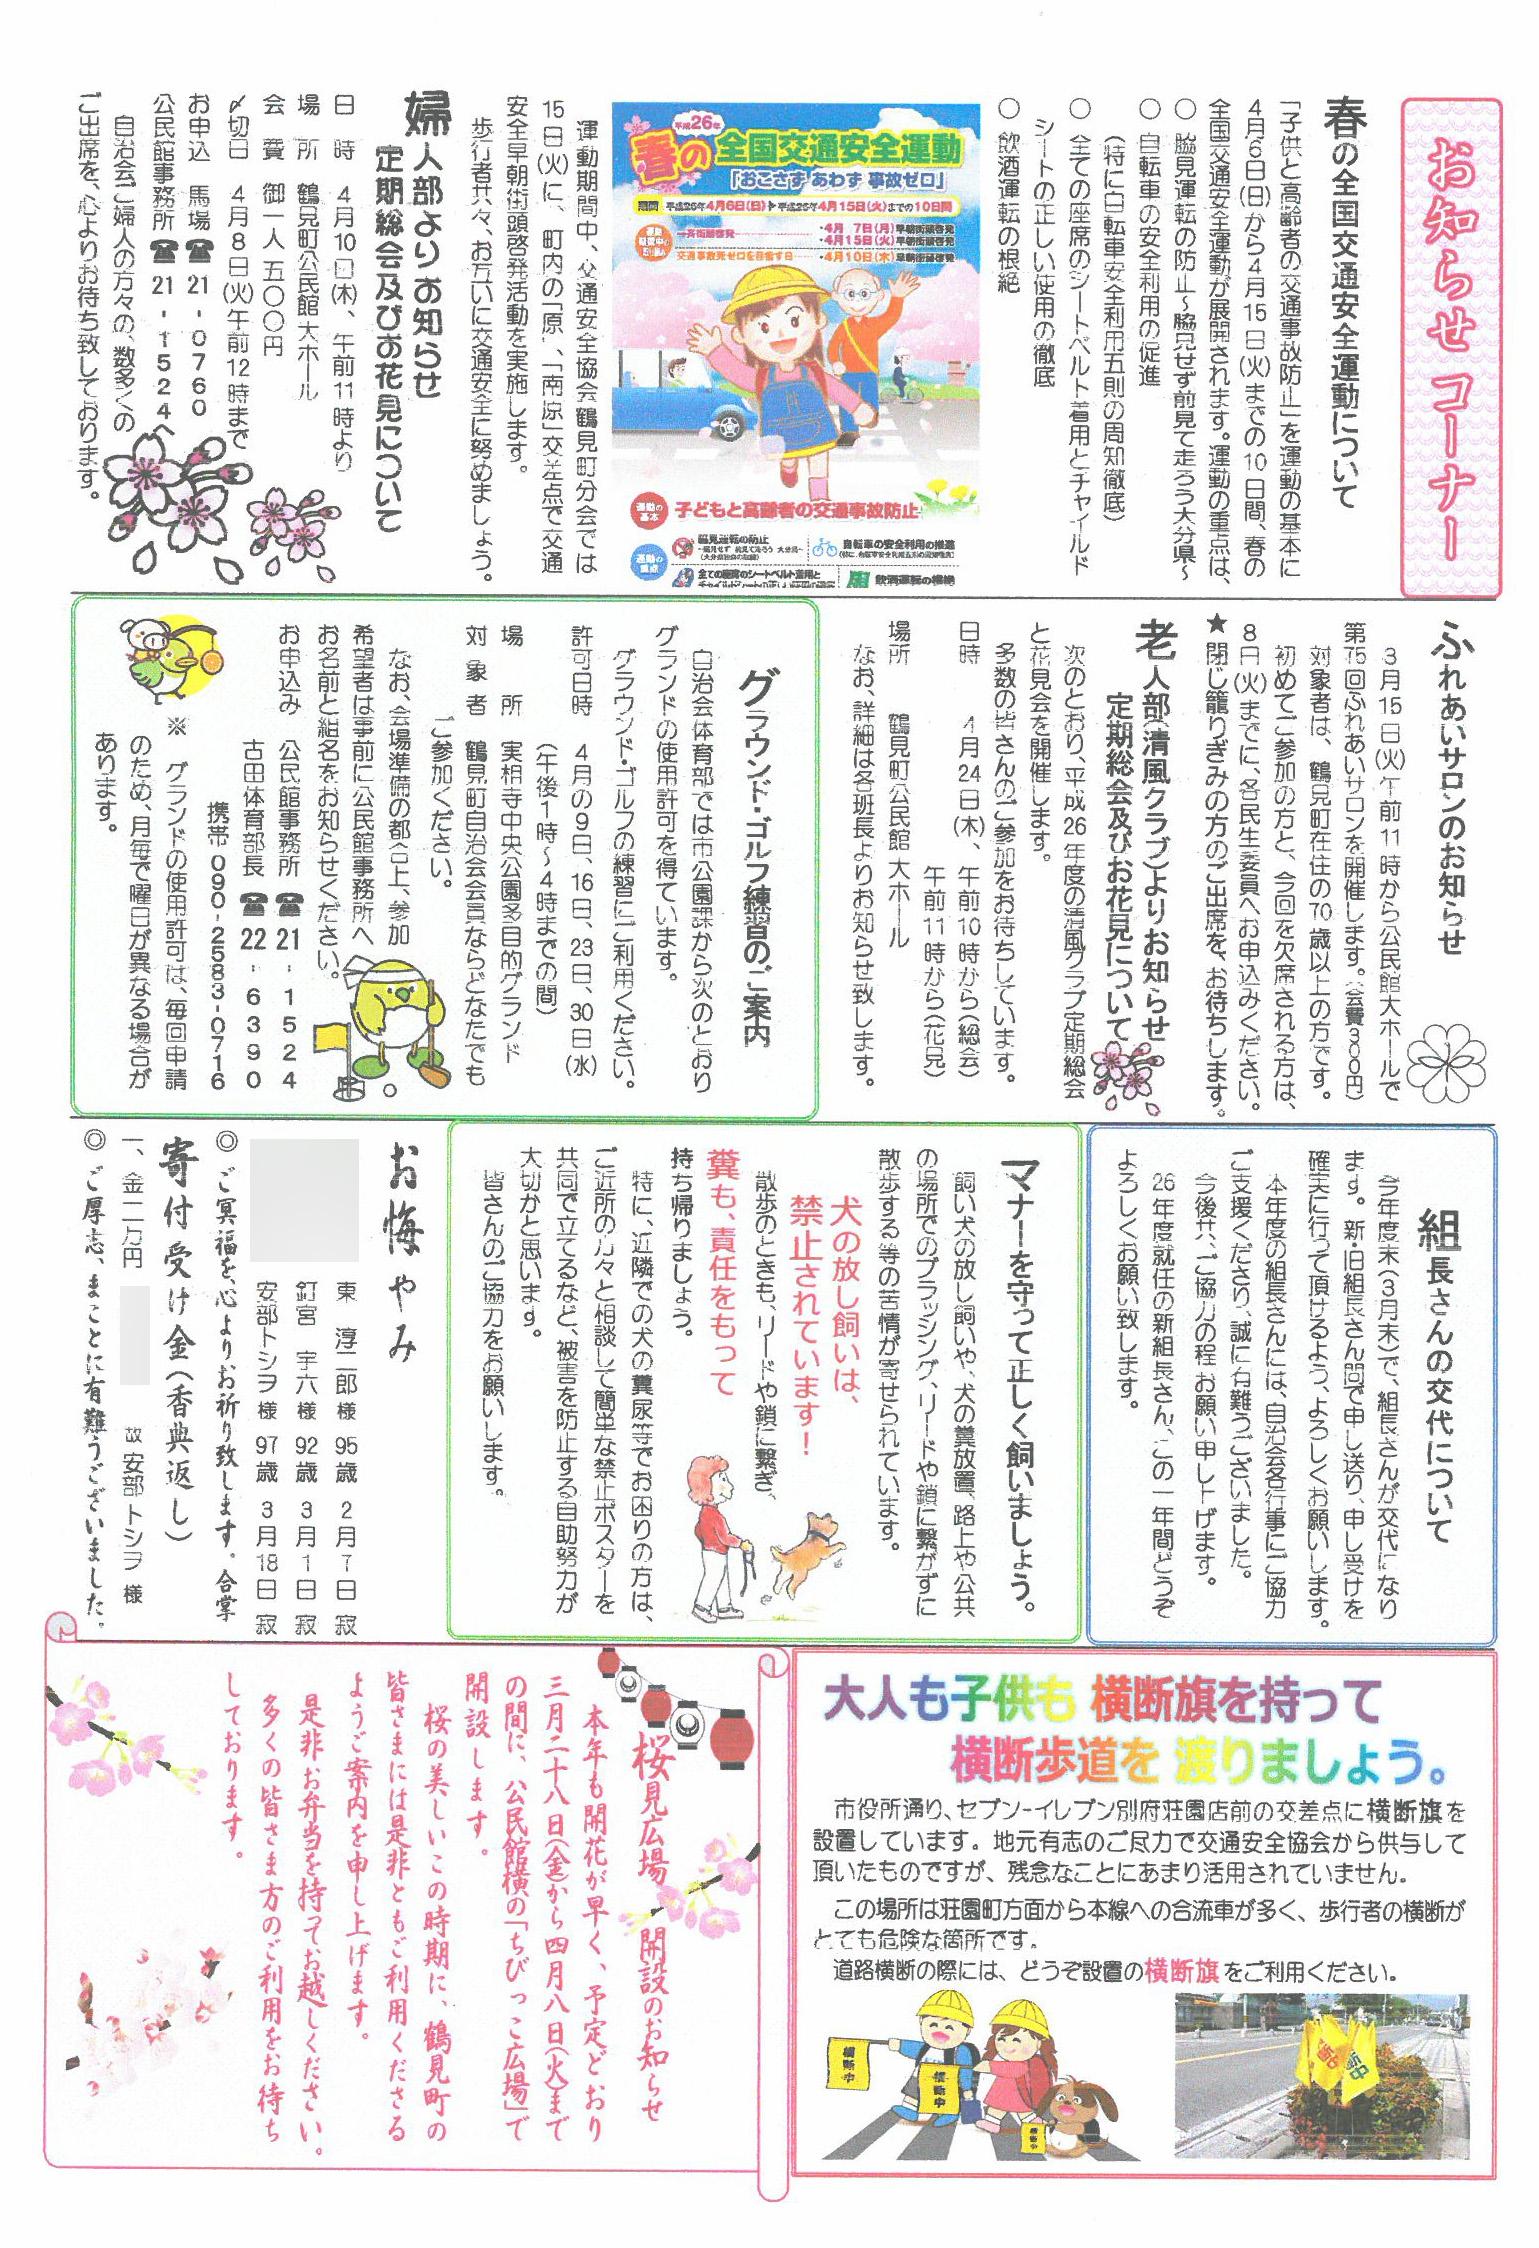 tsurumi2014_04_02